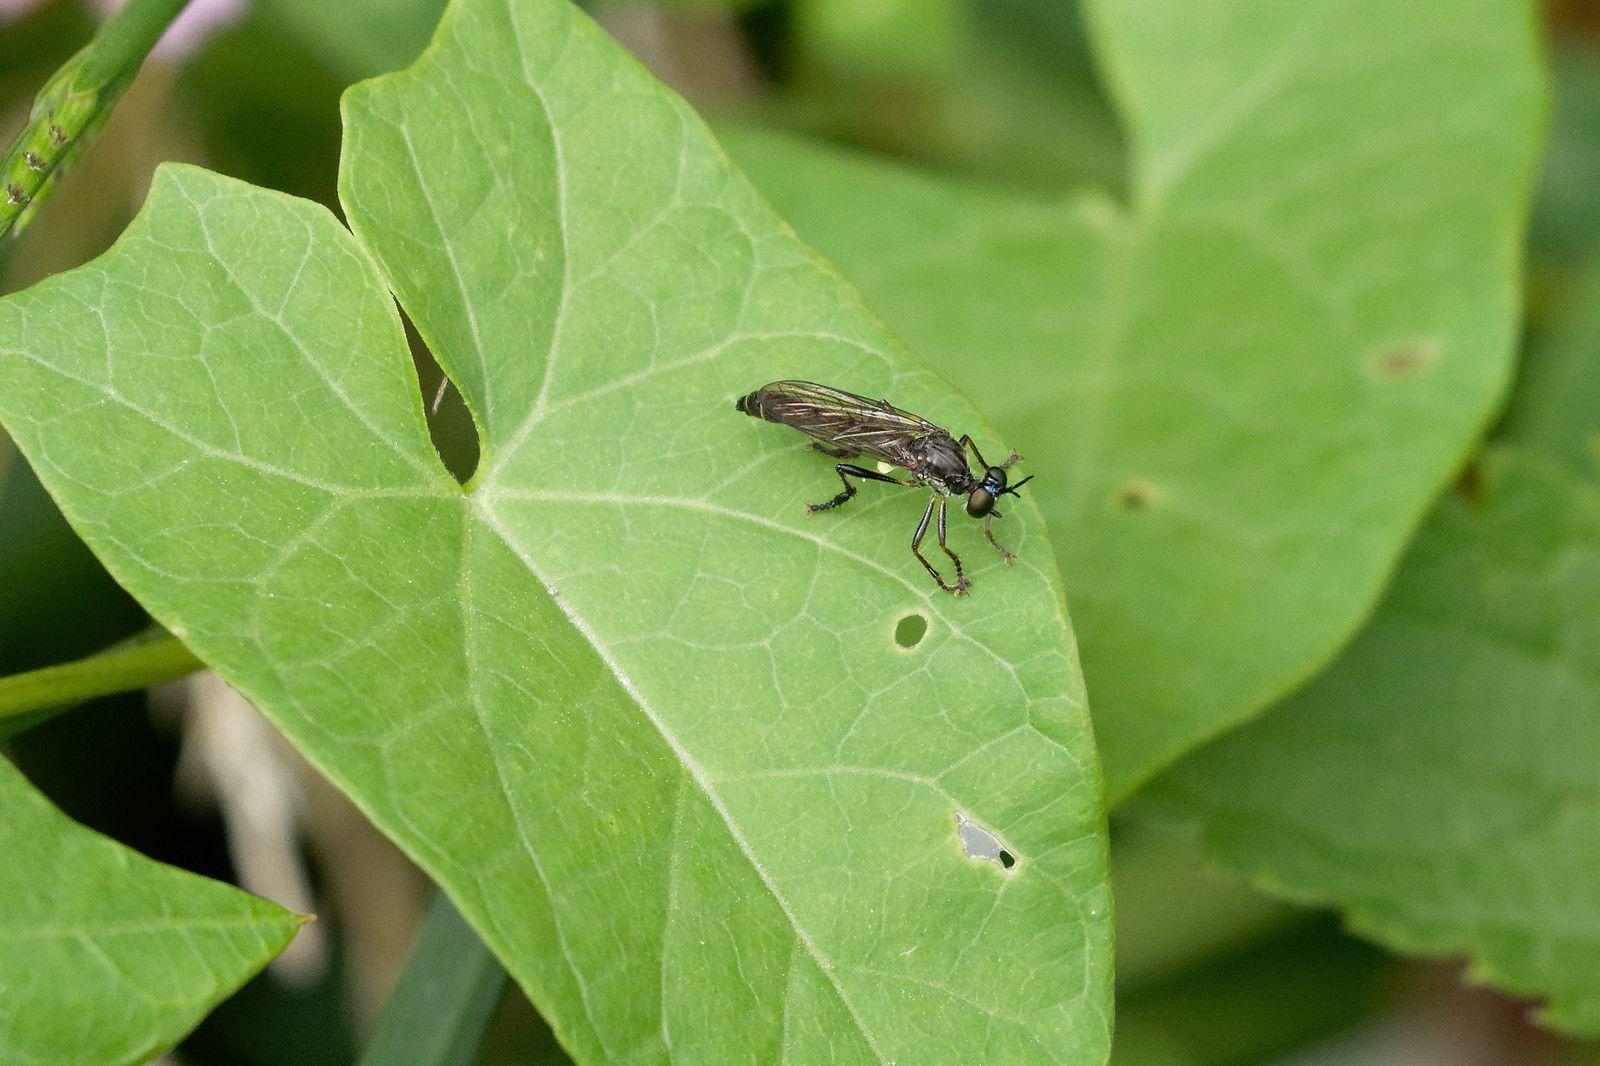 Un autre chasseur Diptera de profession.